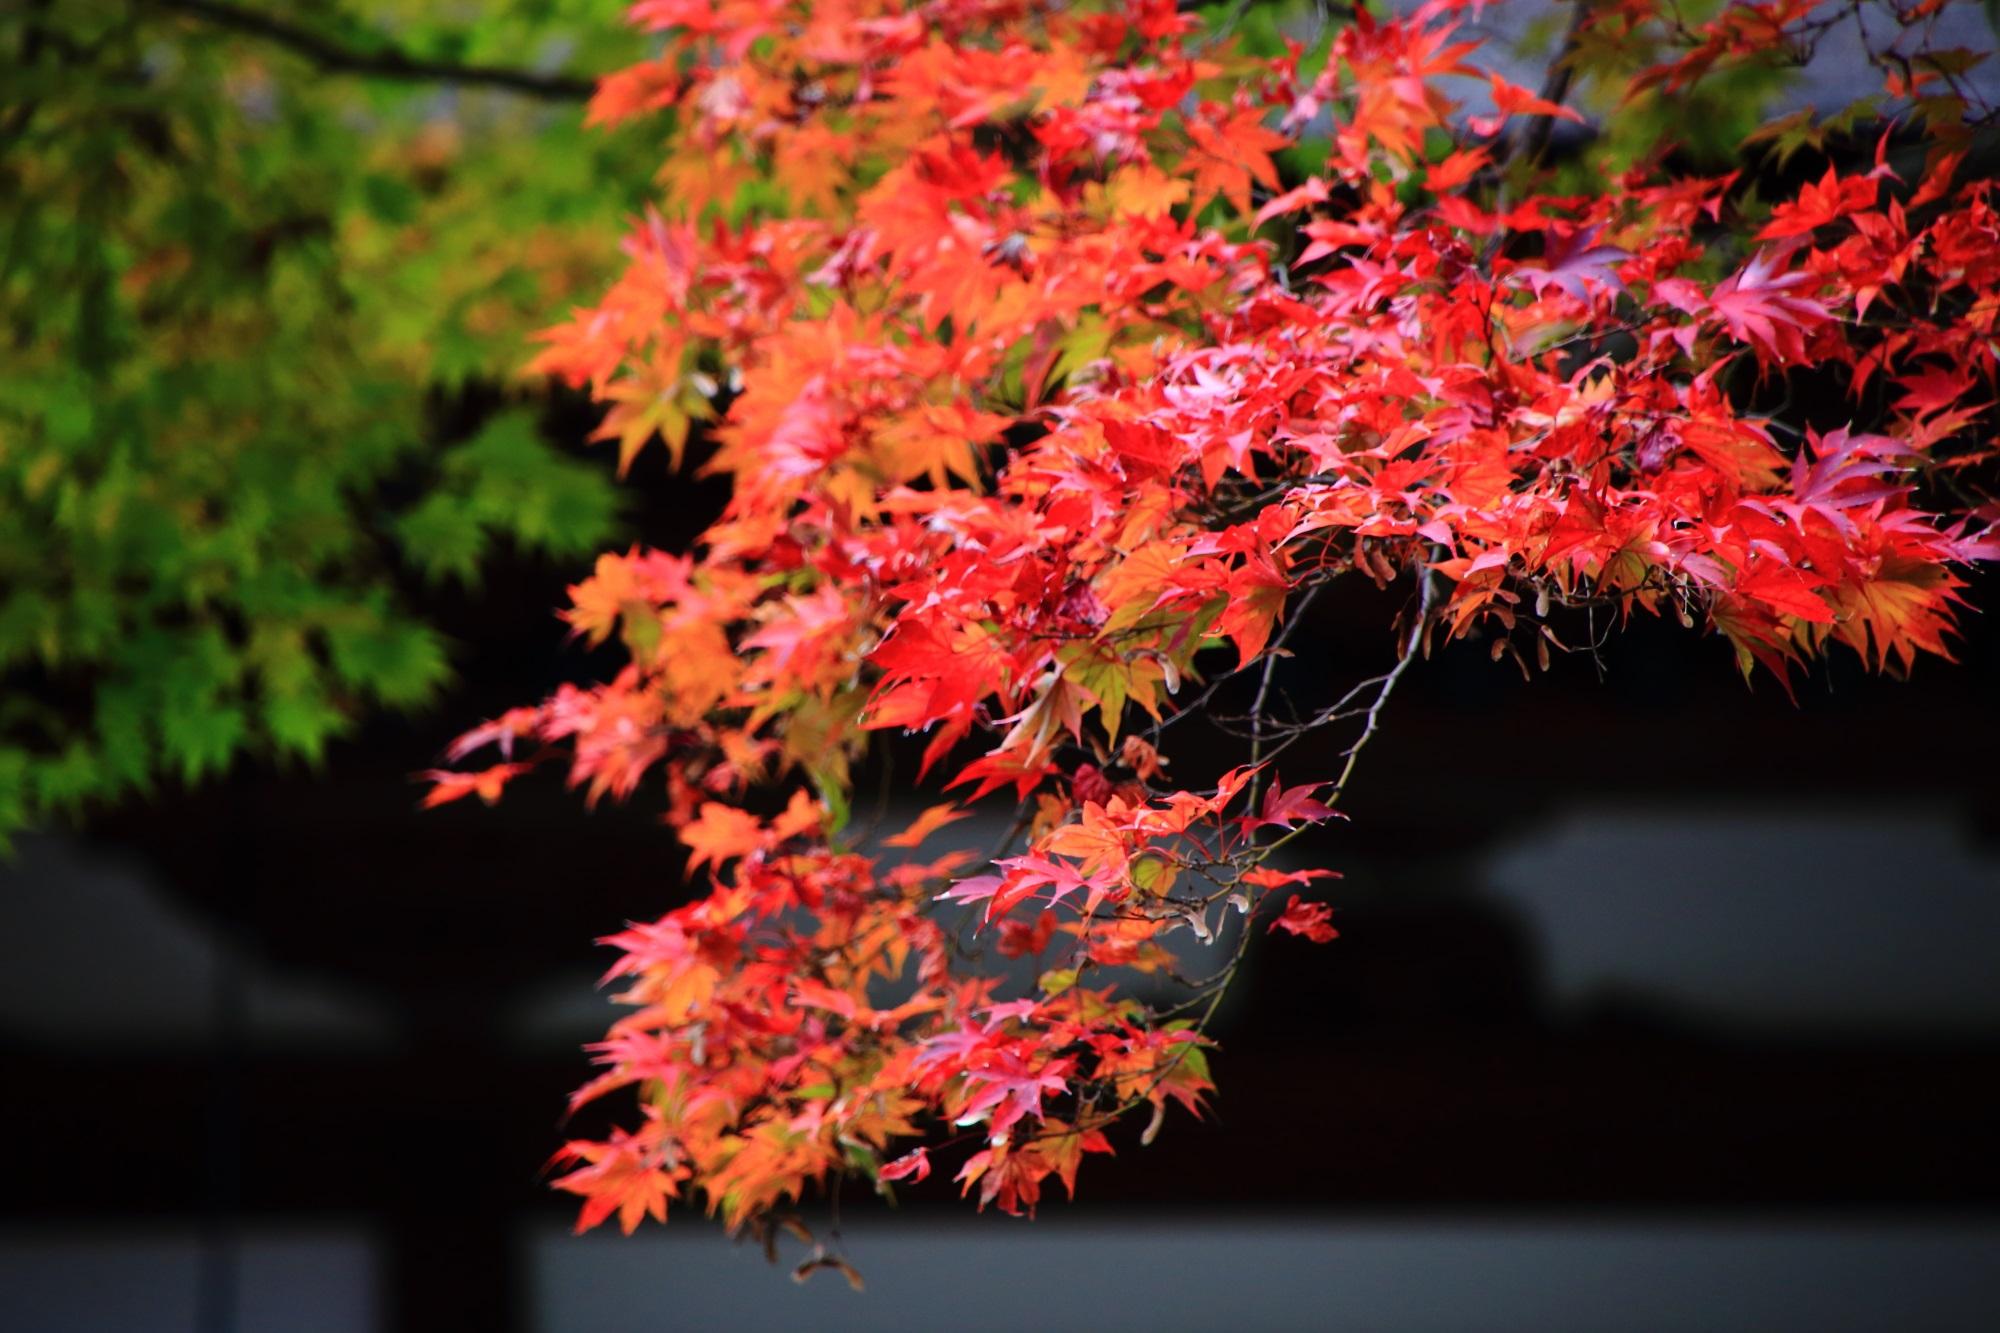 淡い光を浴びてほんのりと輝くような紅葉